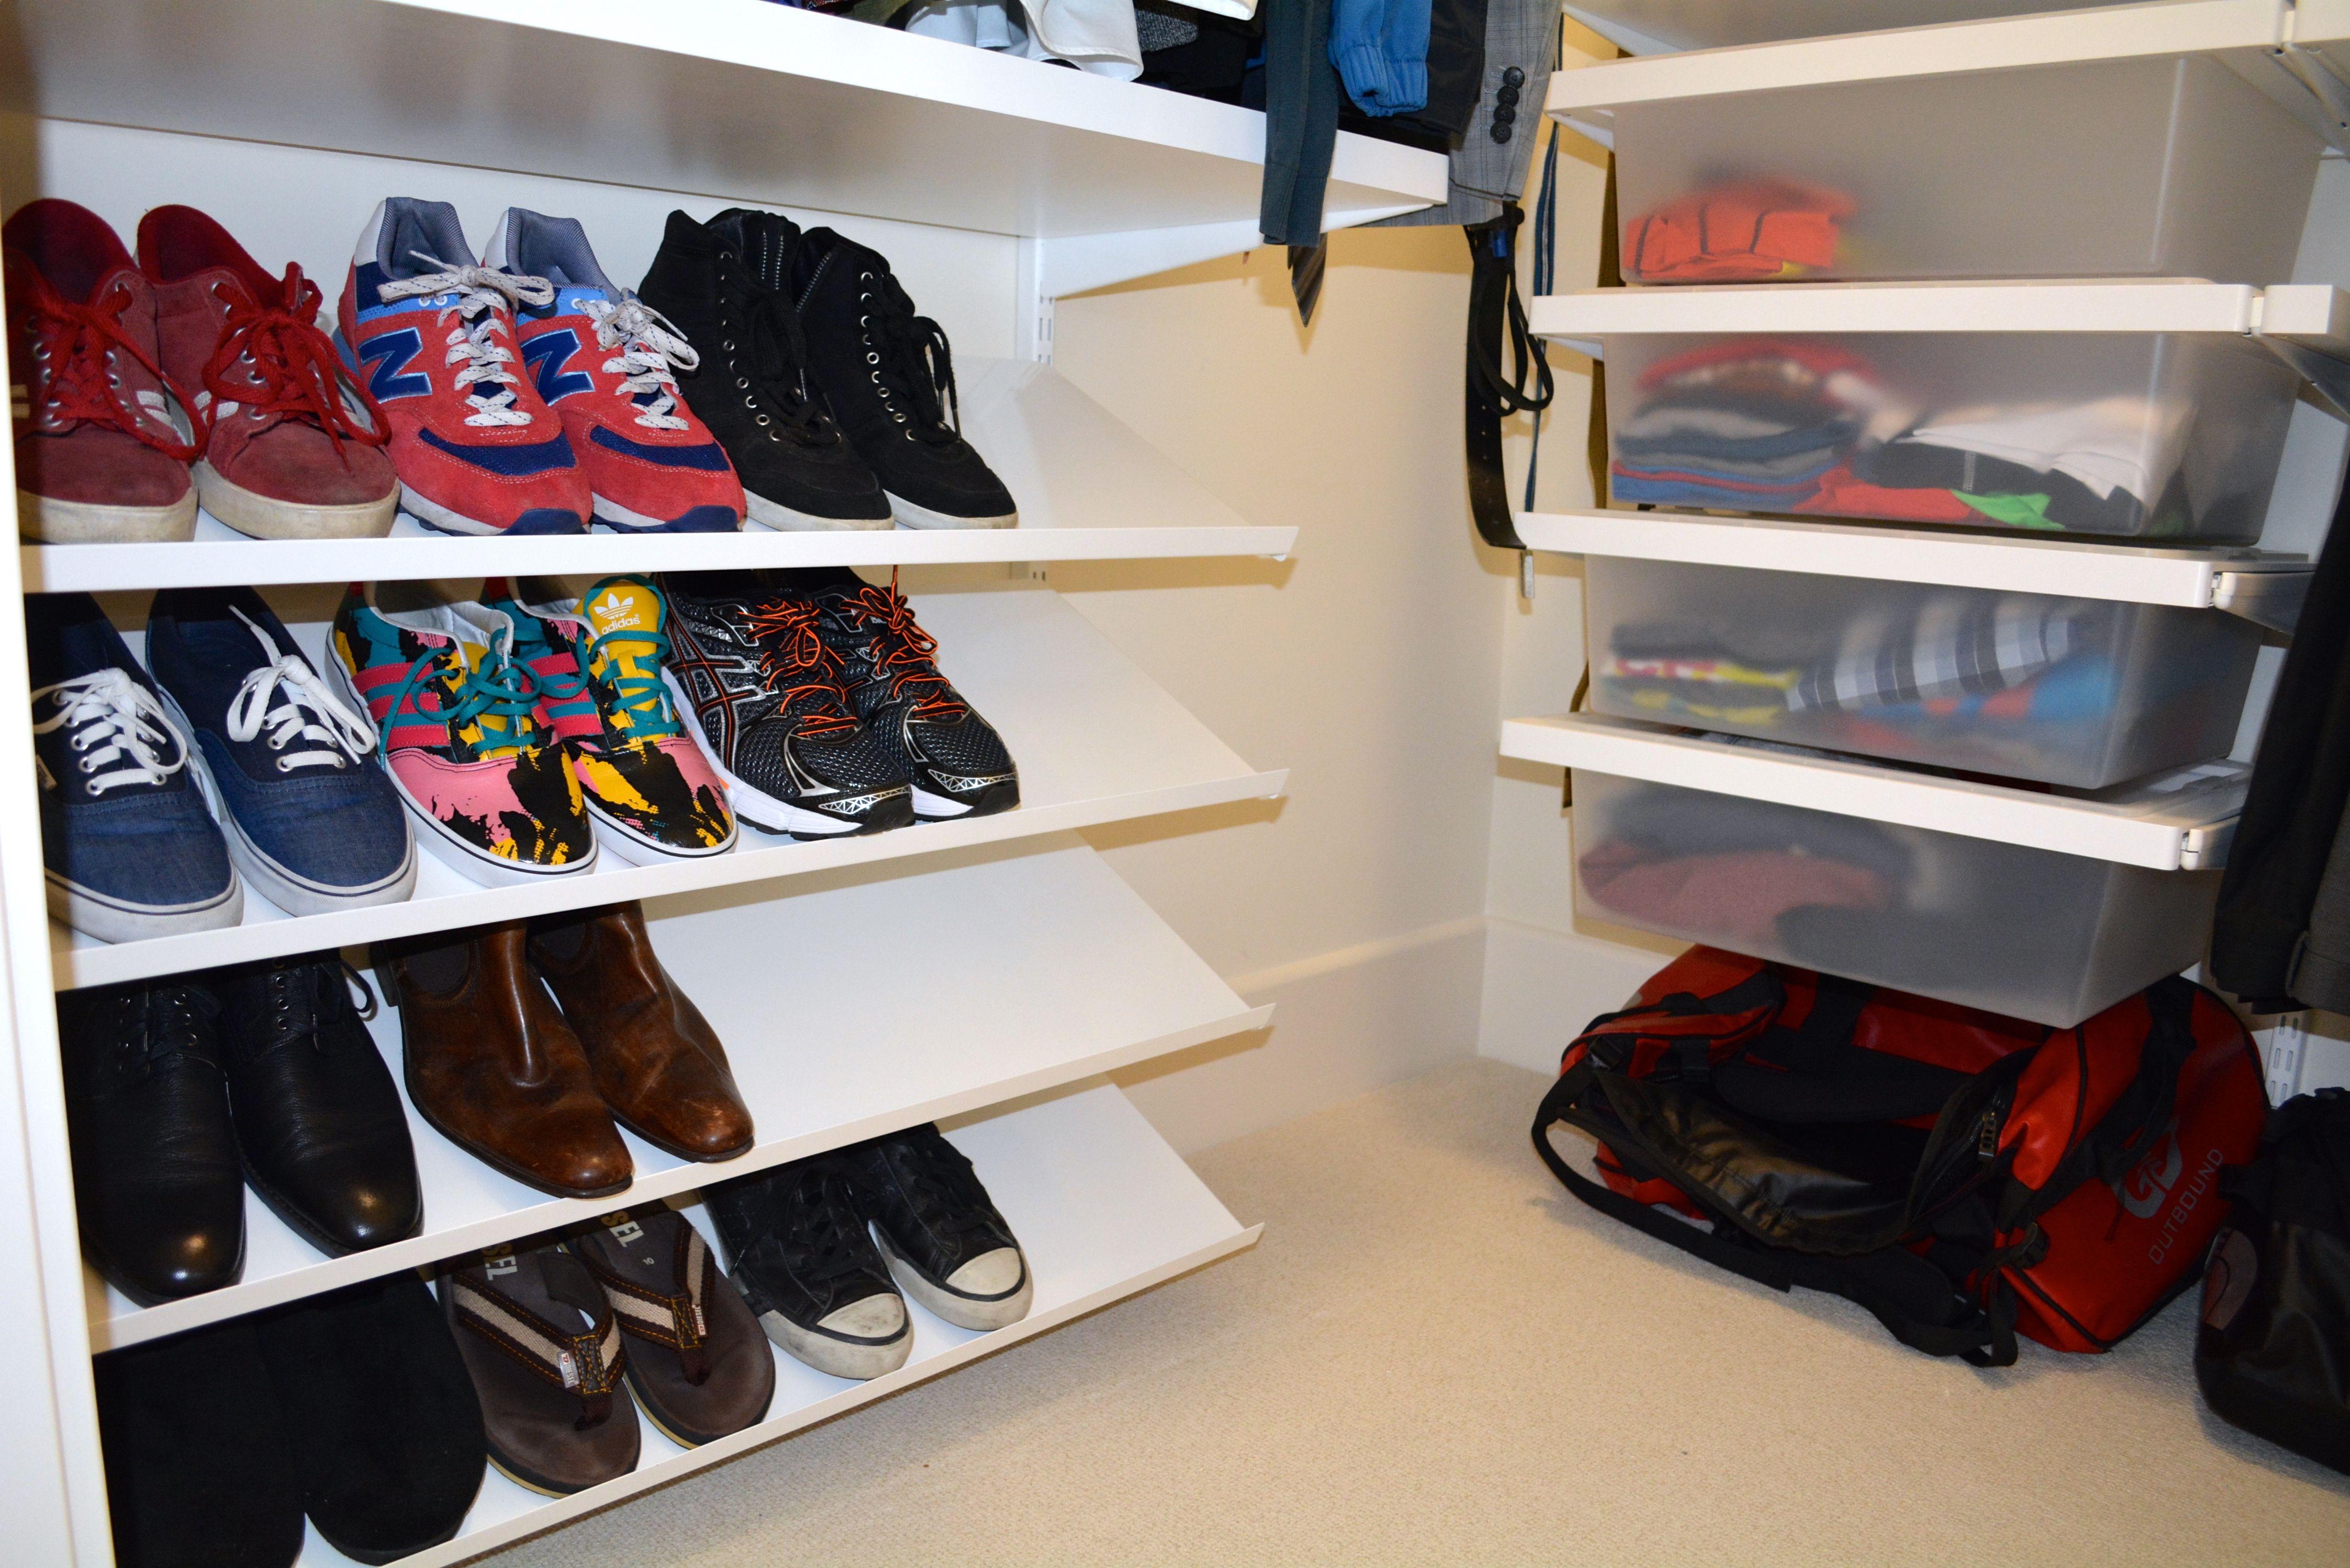 ELFA slanted shoe shelves are a great